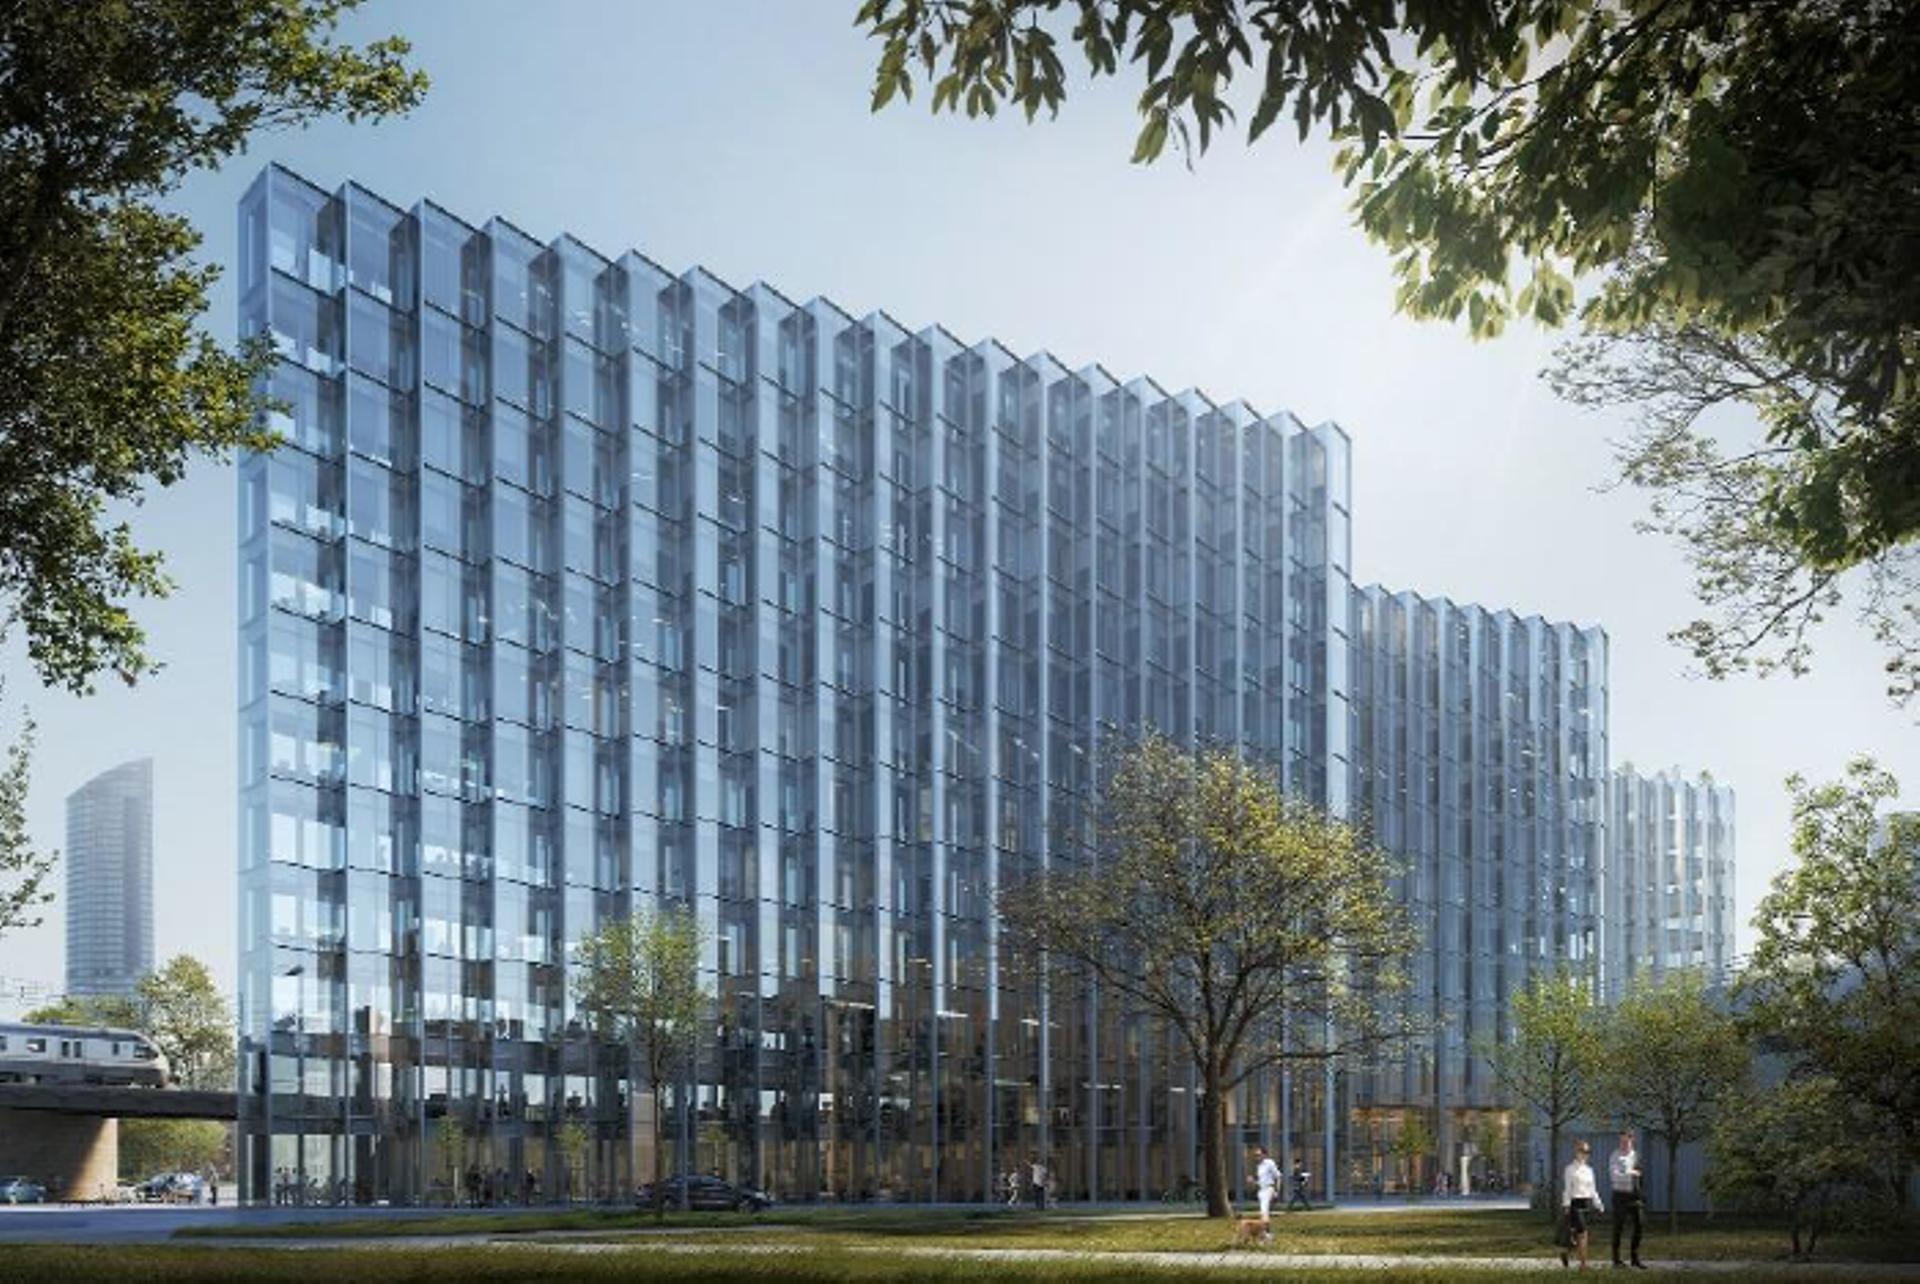 W przyszłym roku ma ruszyć budowa nowego, dużego biurowca w centrum Wrocławia [WIZUALIZACJA]